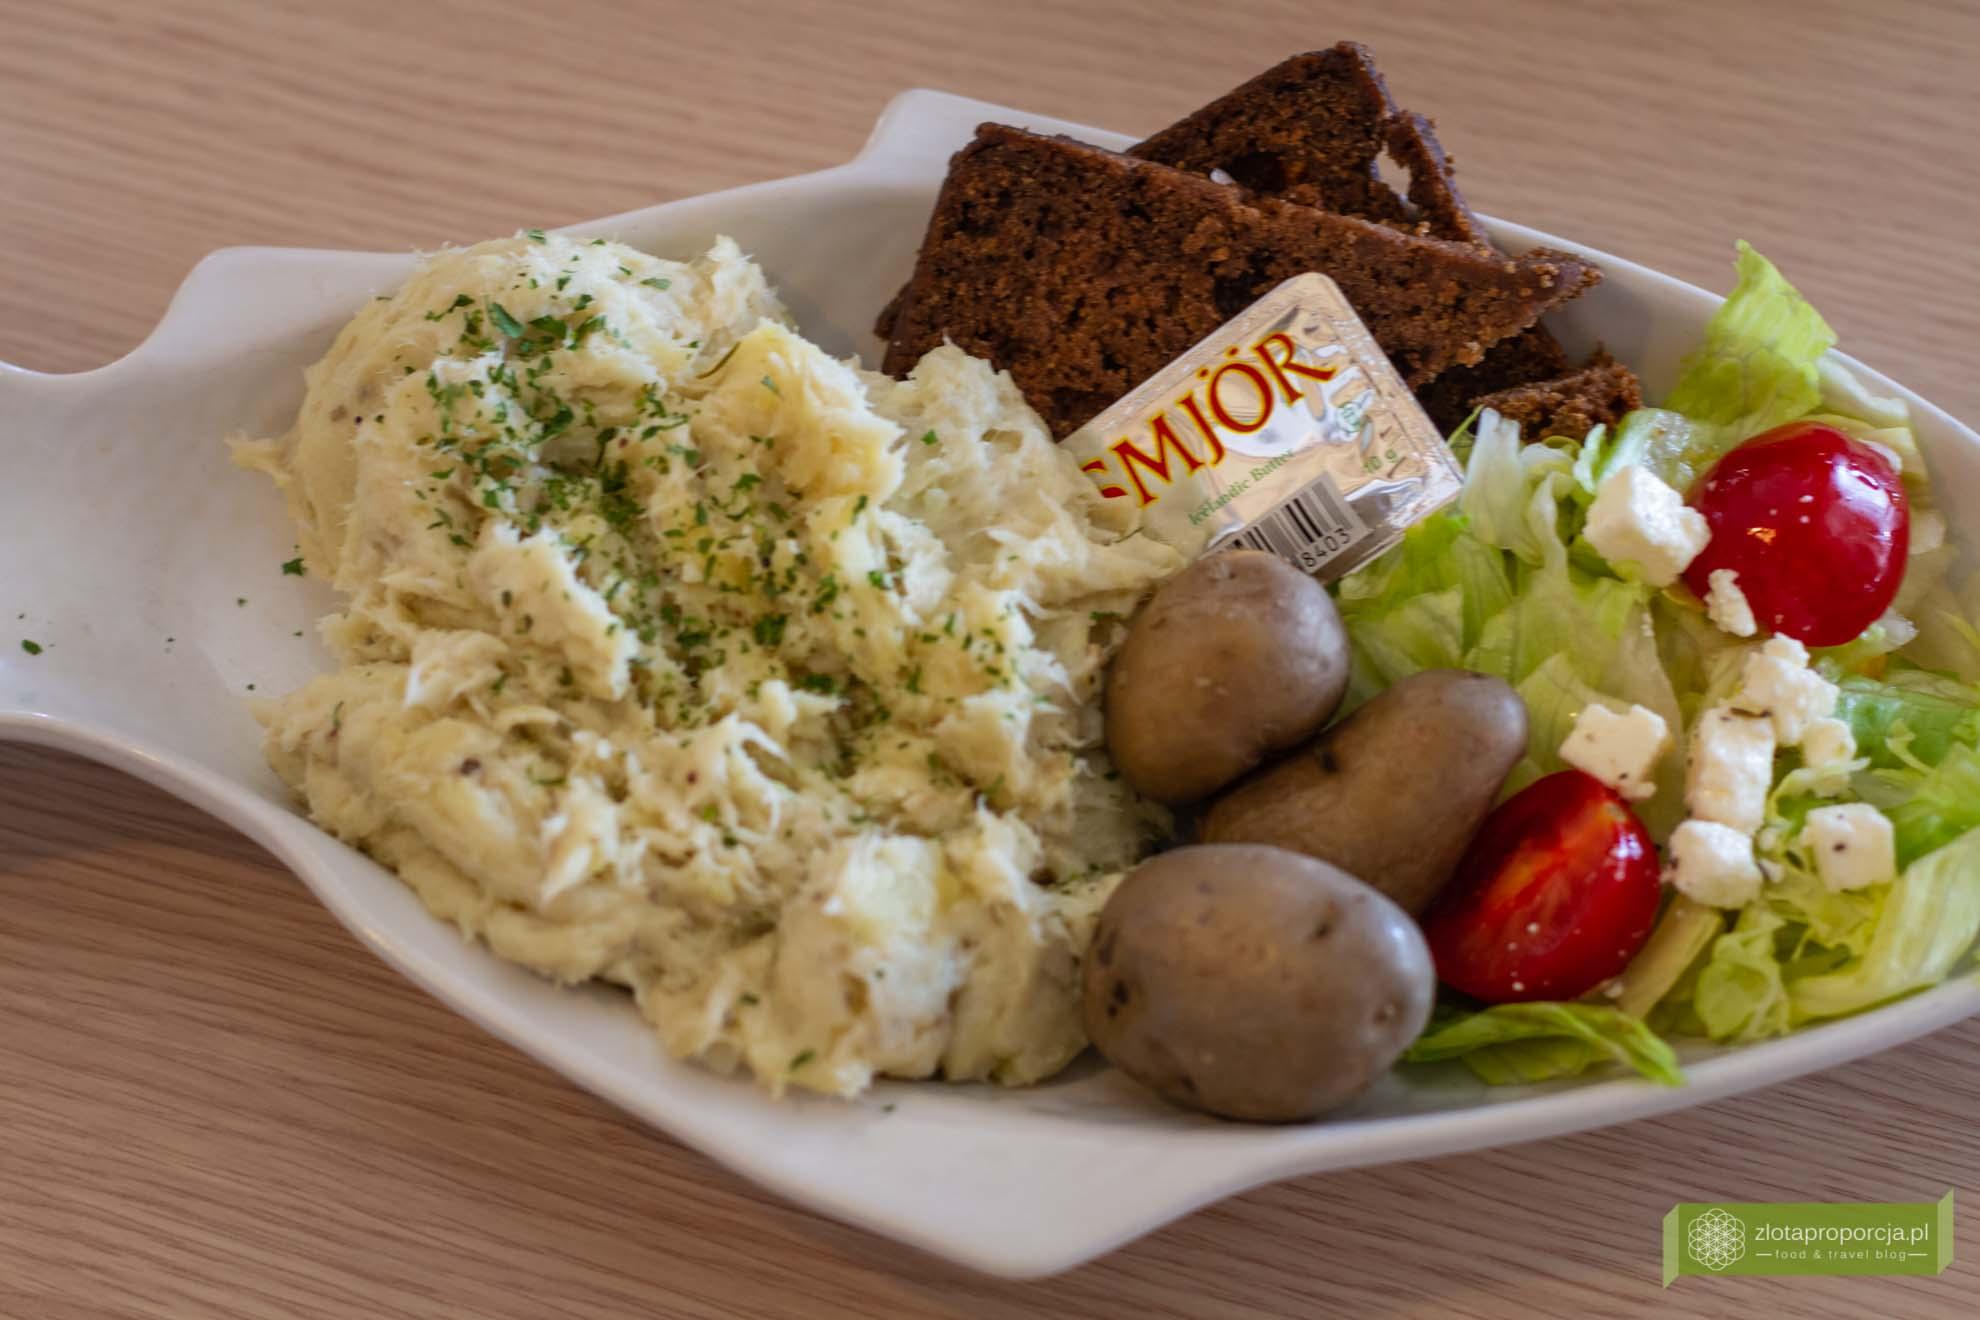 kuchnia islandii, kuchnia islnadzka, islandzkie potrawy, co zjeść na Islandii; islandzkie specjały;